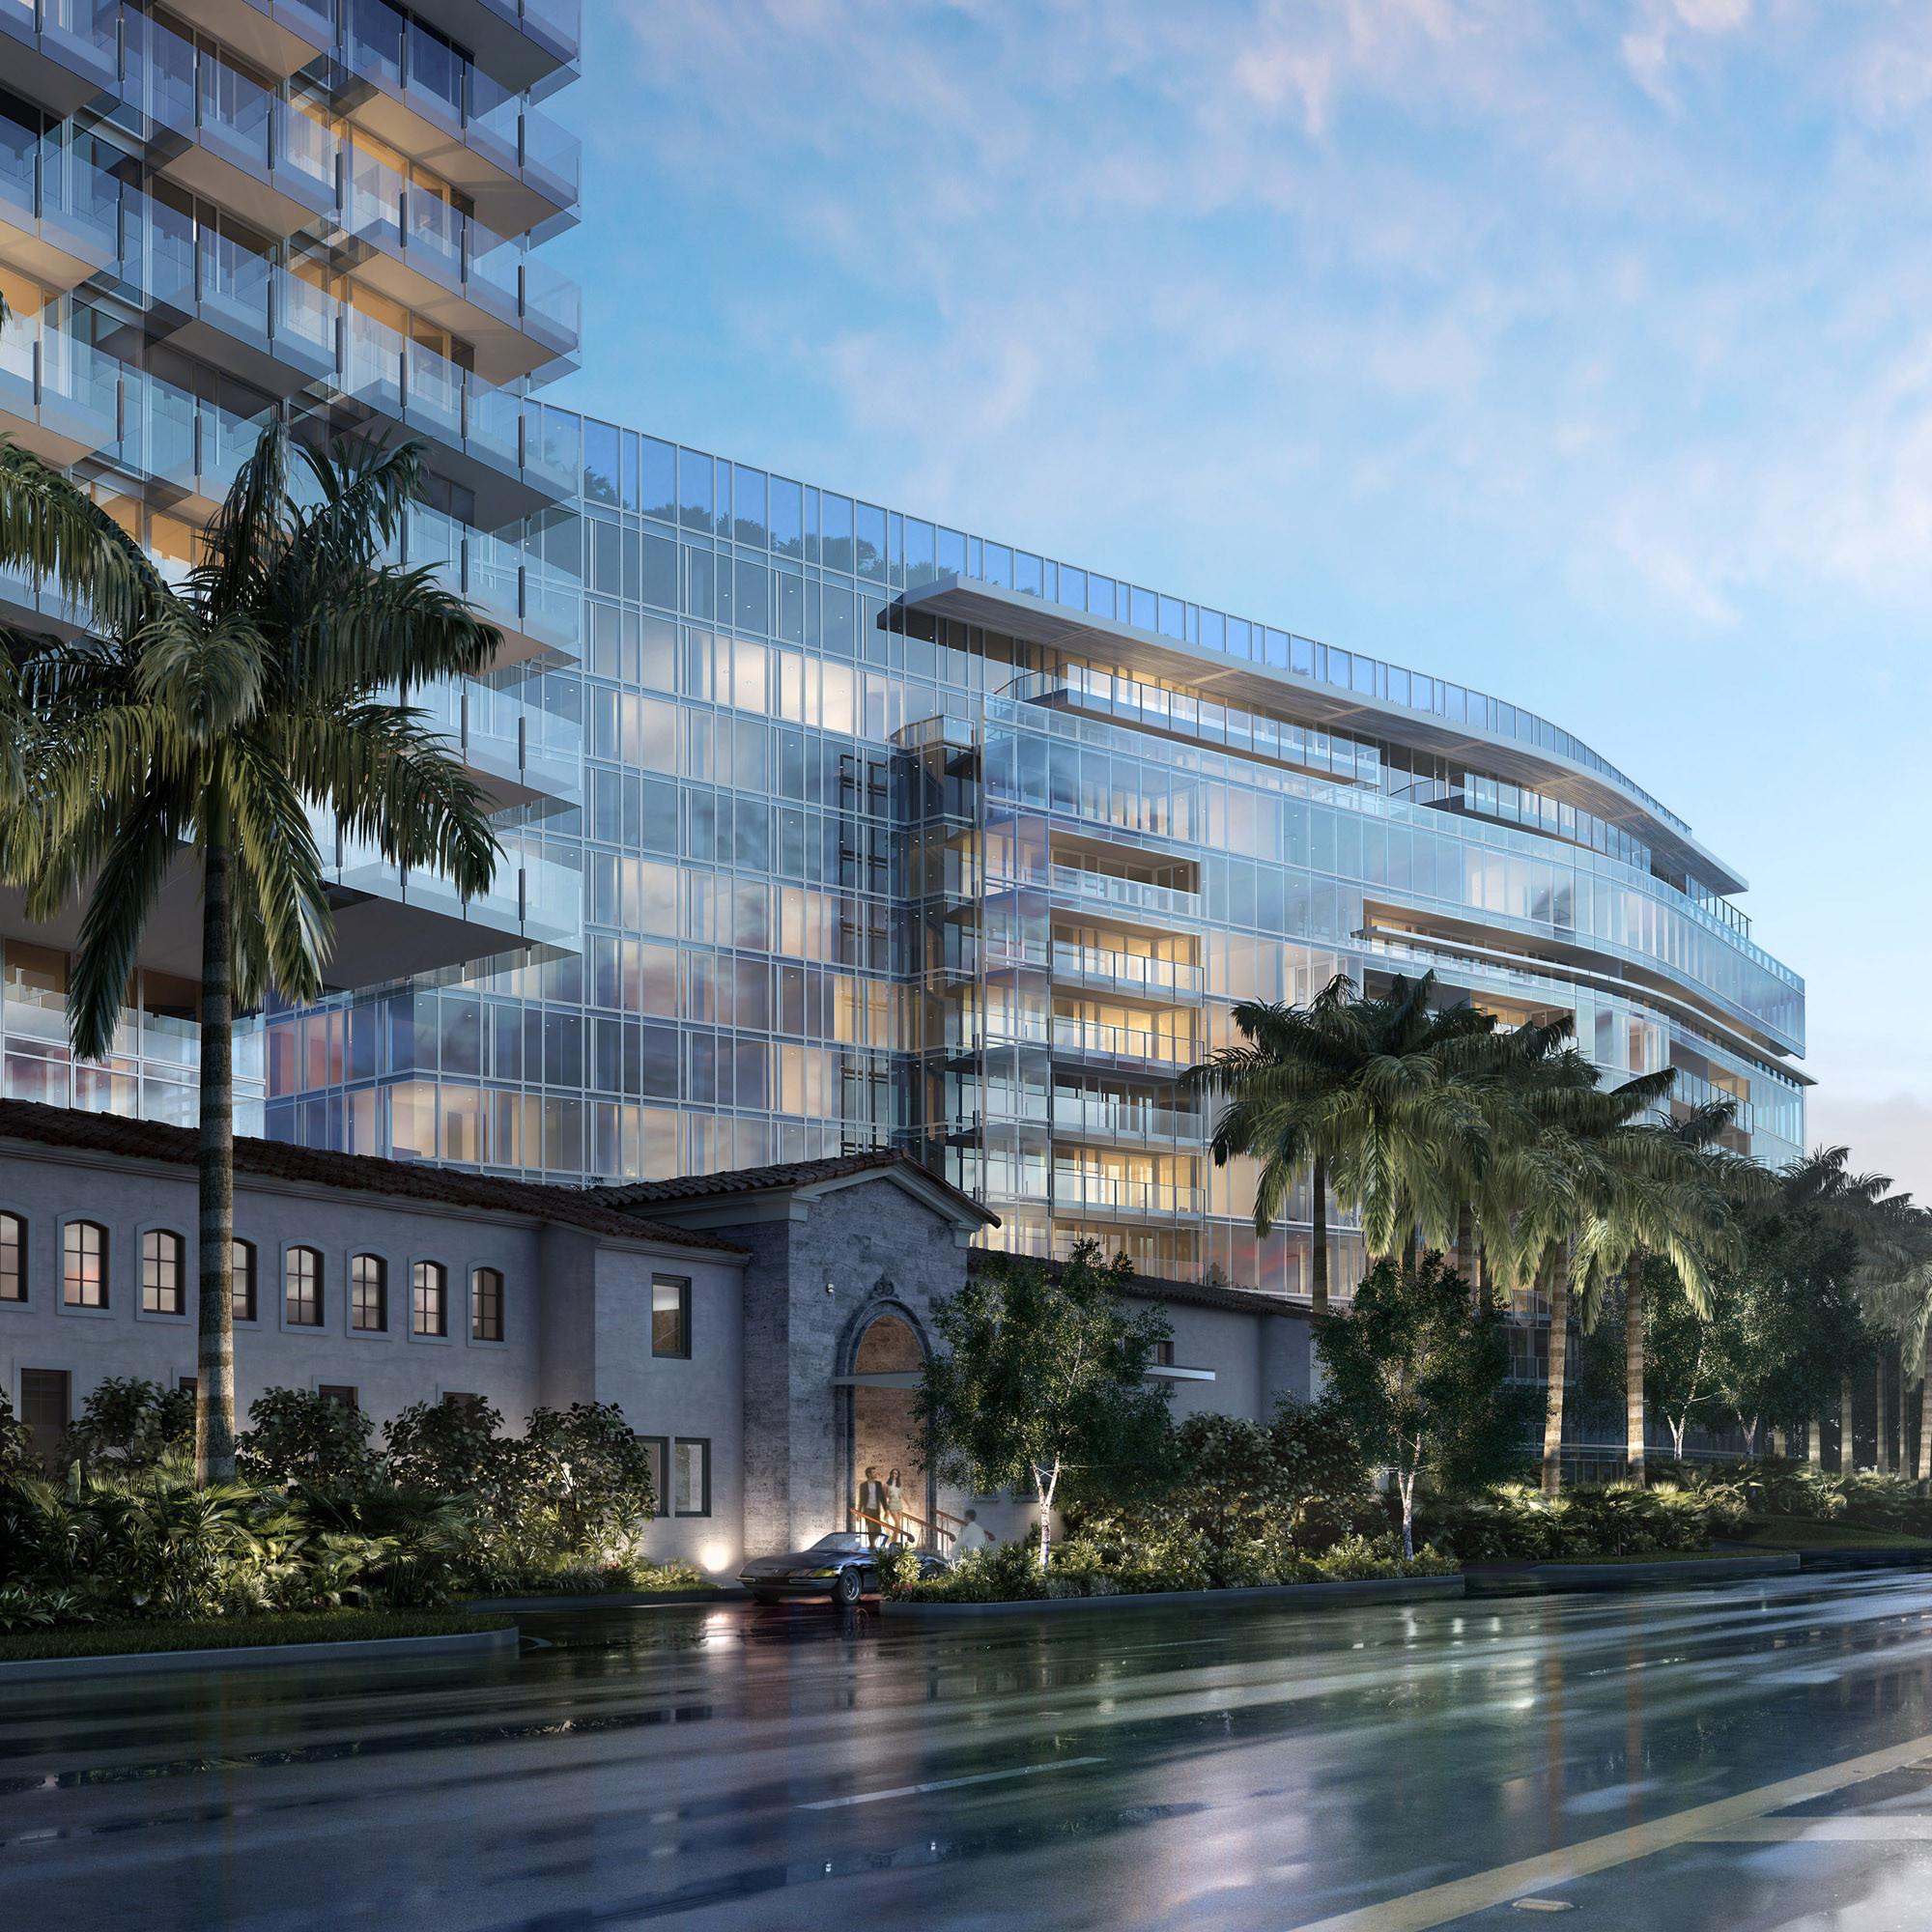 Nemovitosti na Floridě představují velký, a hlavně stabilní investiční potenciál